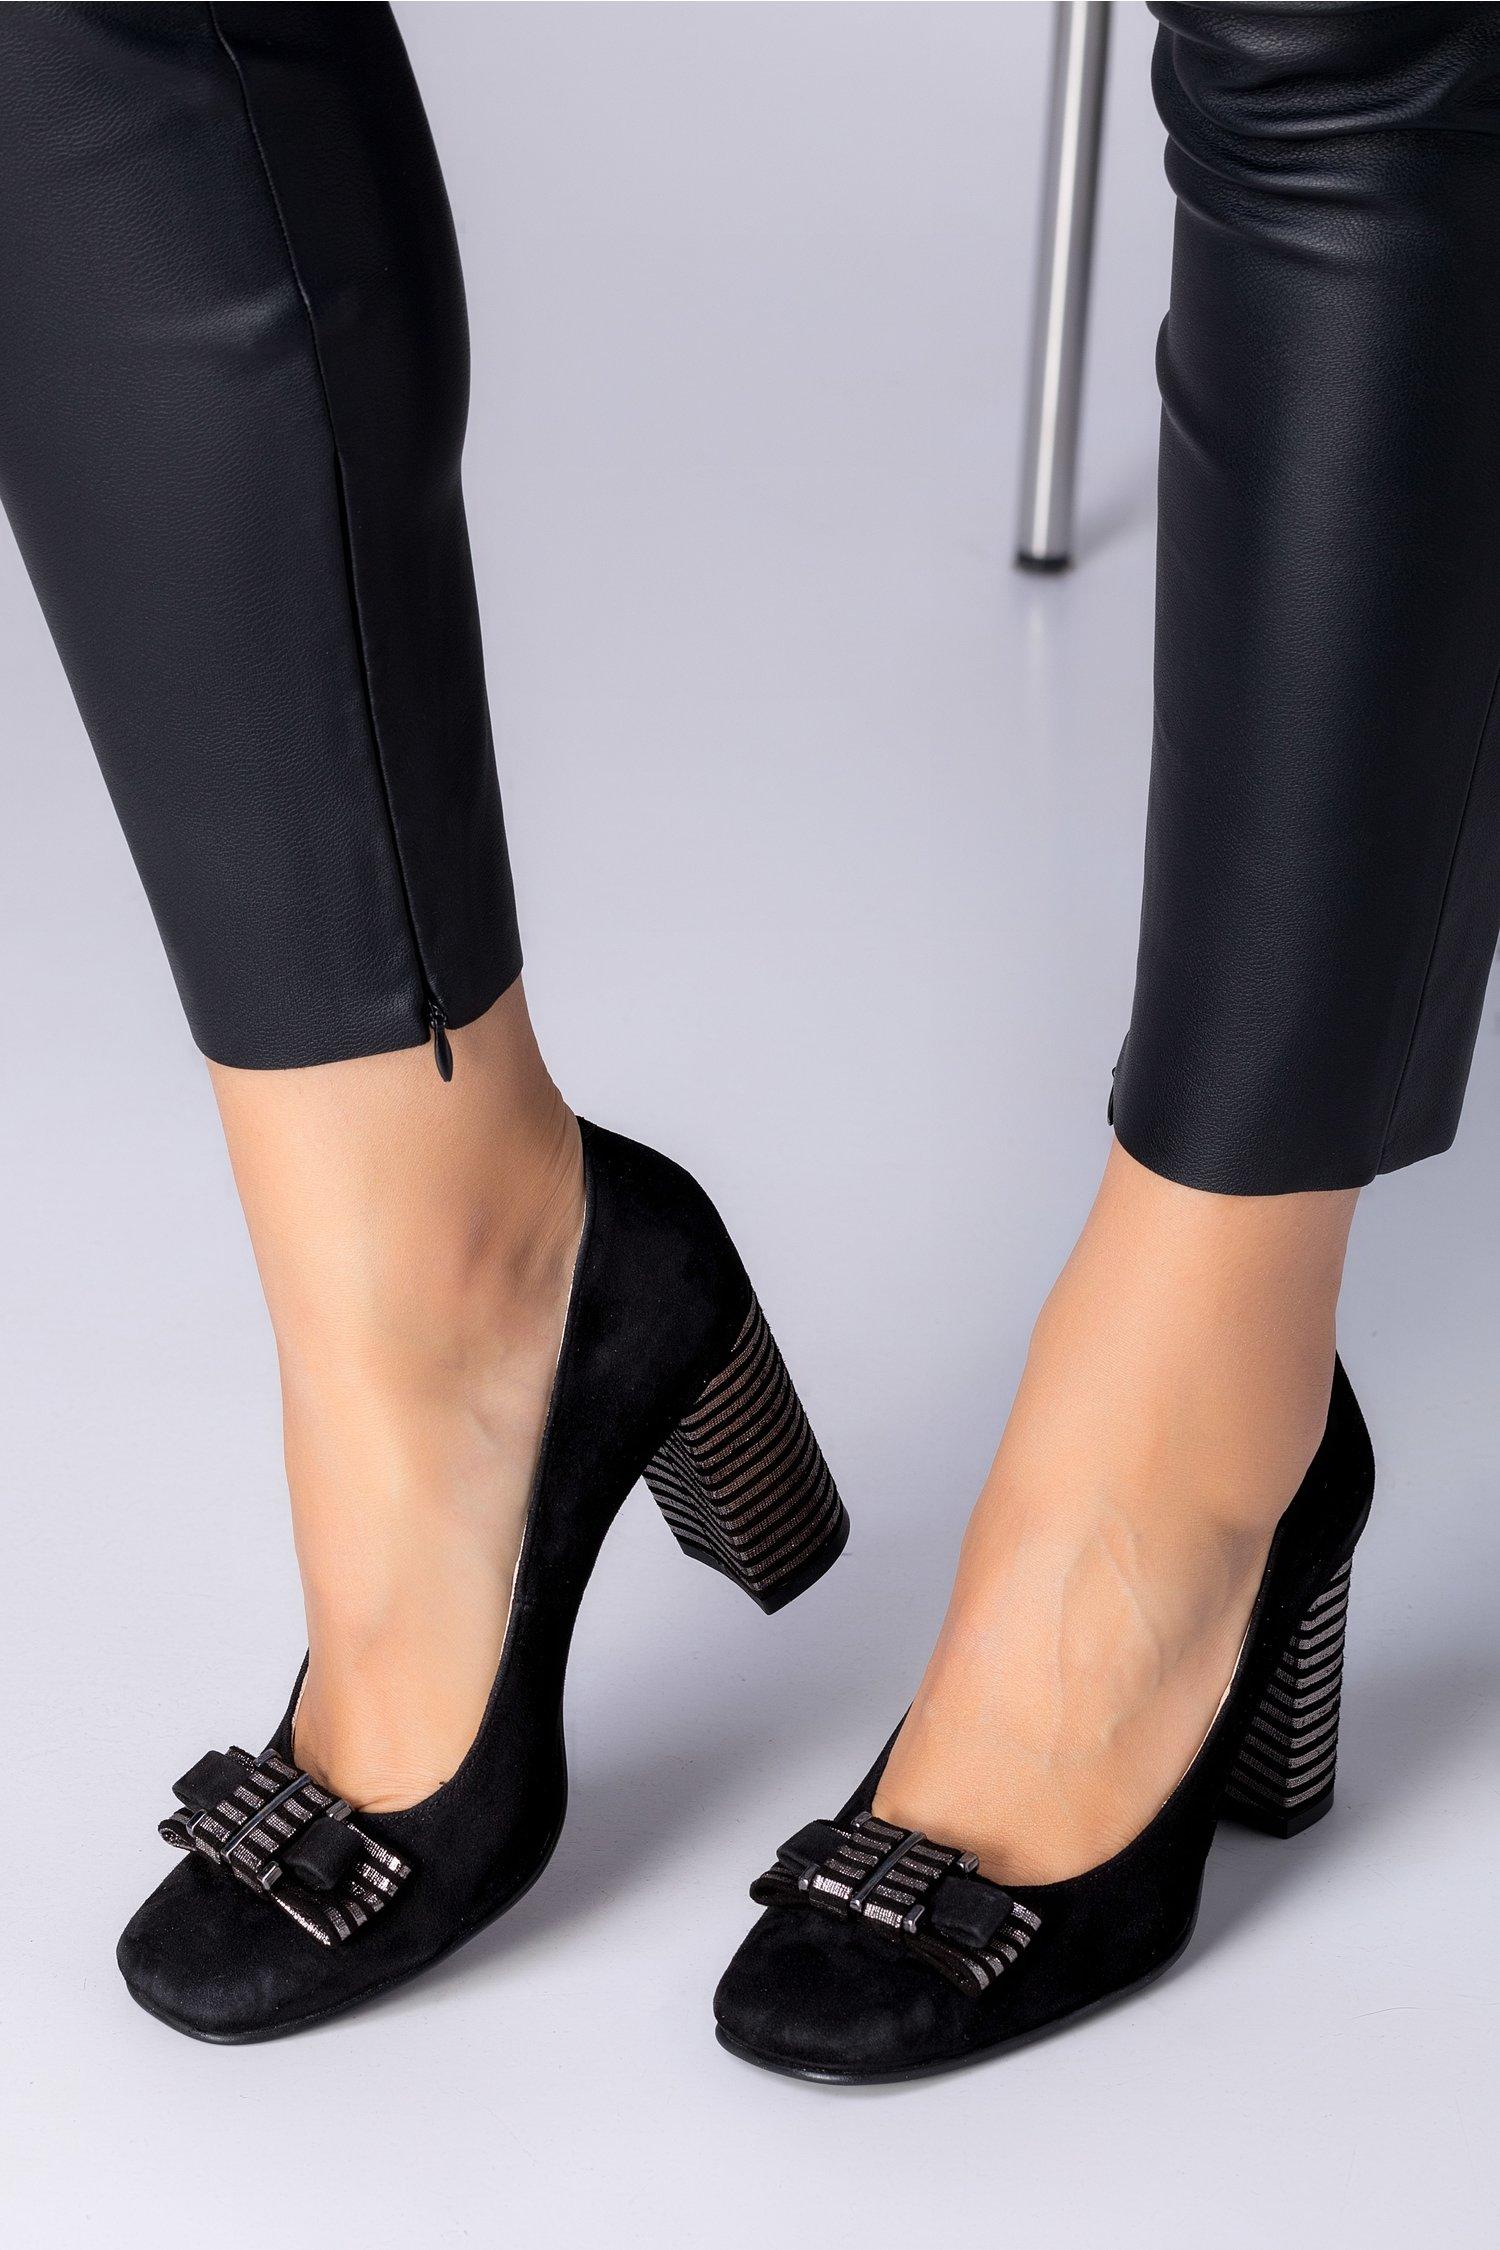 Pantofi dama negrii cu funda si toc cu dungi argintii